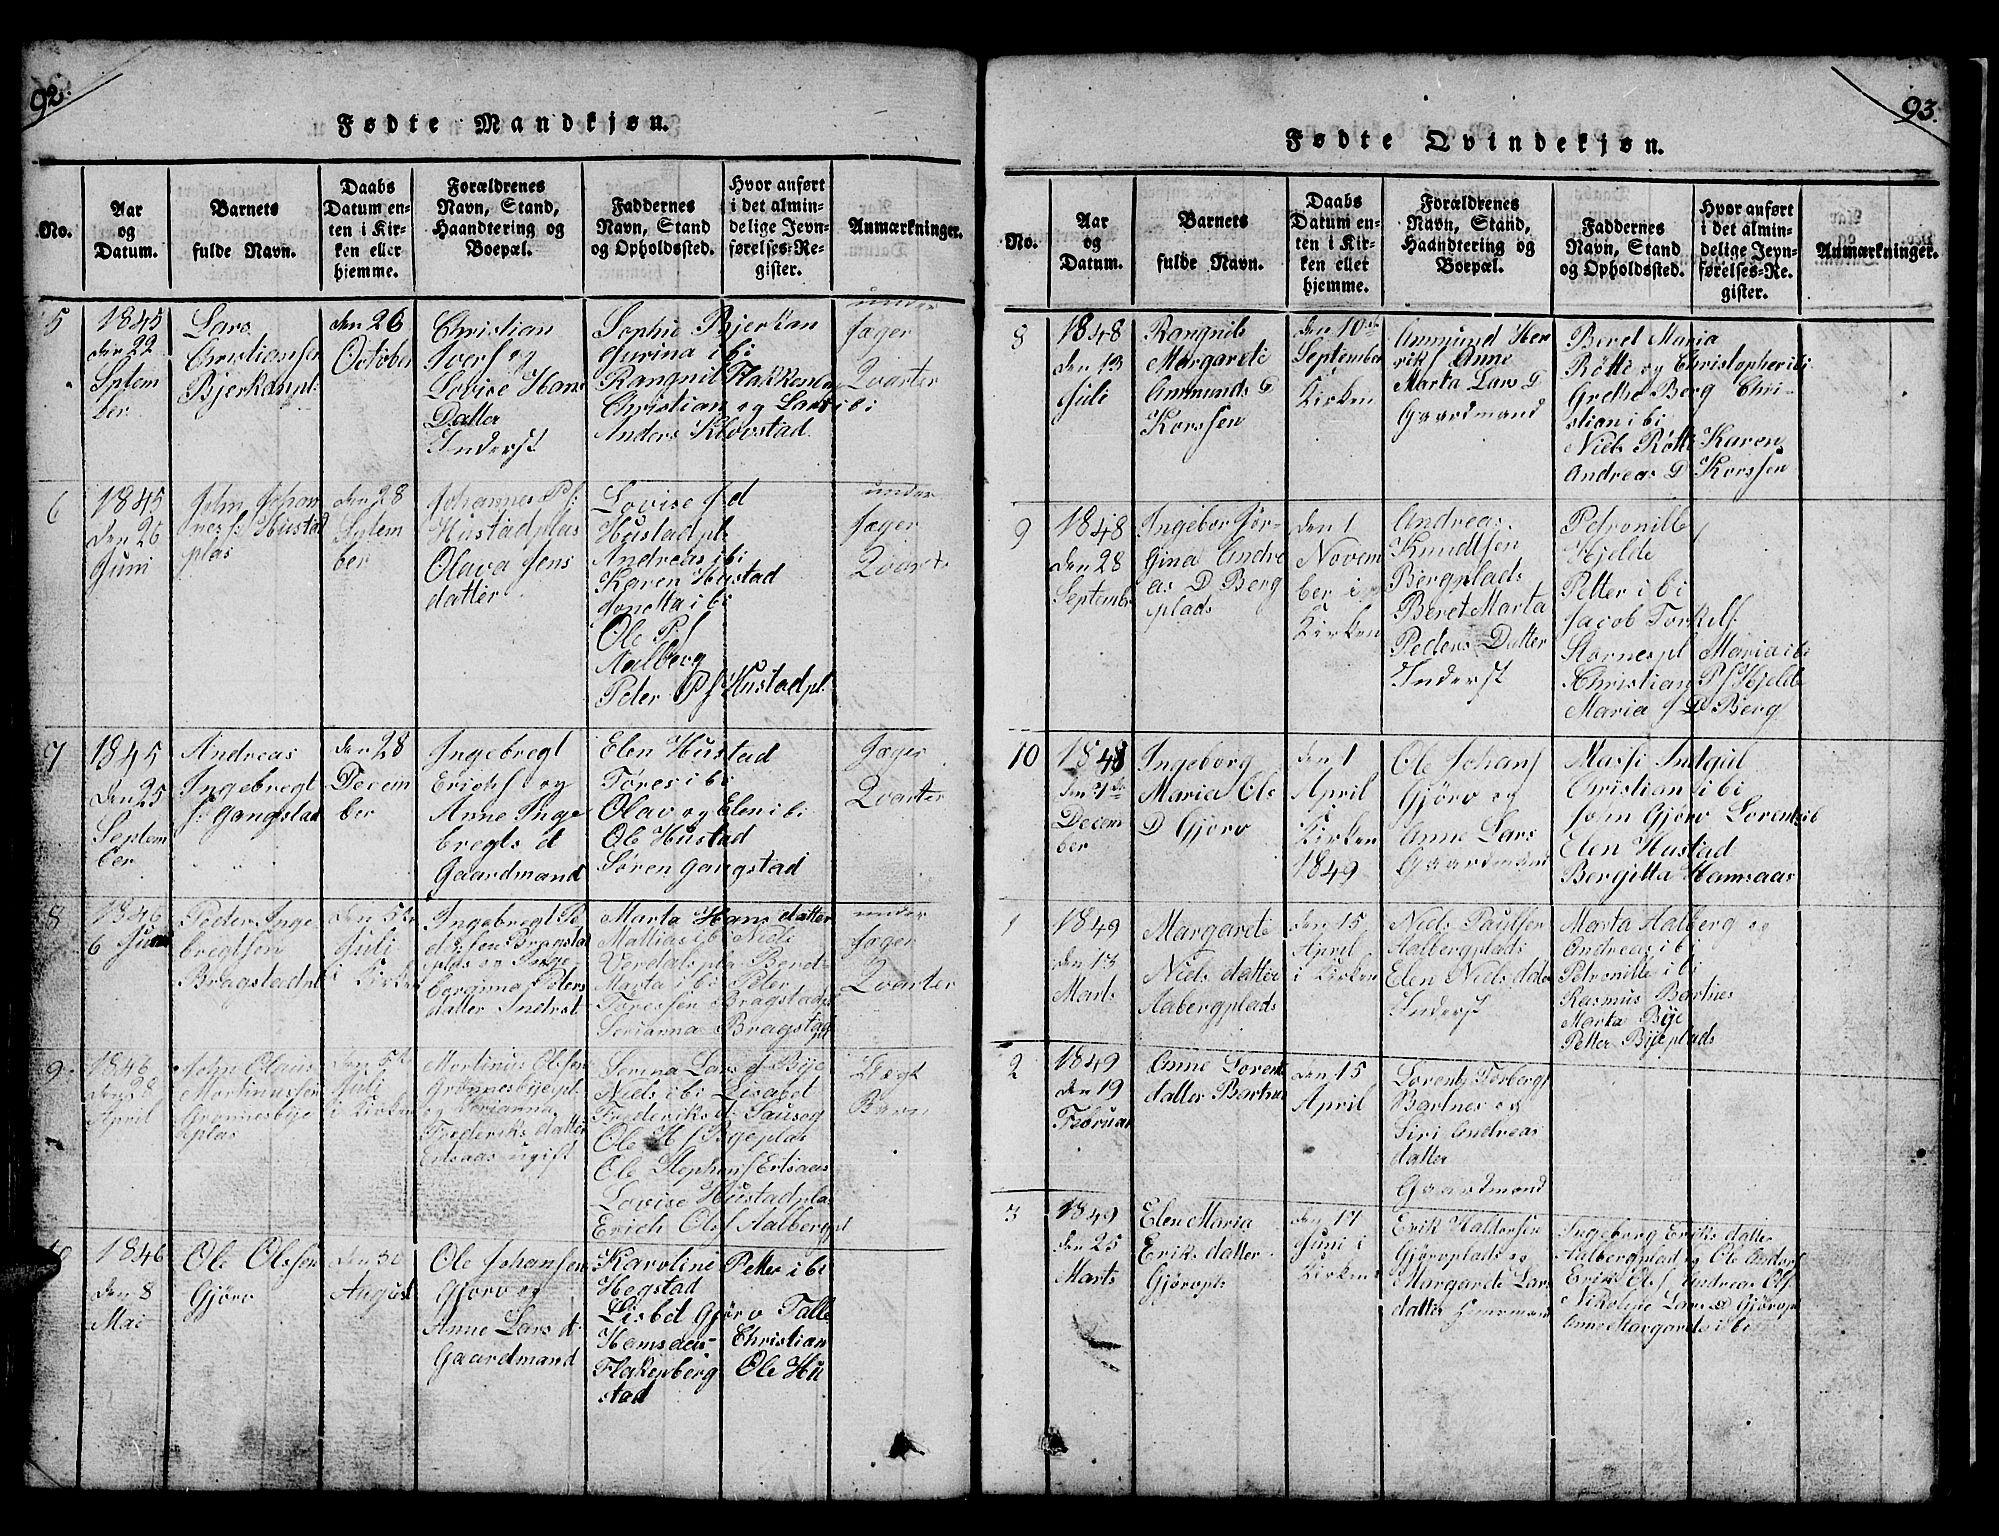 SAT, Ministerialprotokoller, klokkerbøker og fødselsregistre - Nord-Trøndelag, 732/L0317: Klokkerbok nr. 732C01, 1816-1881, s. 92-93